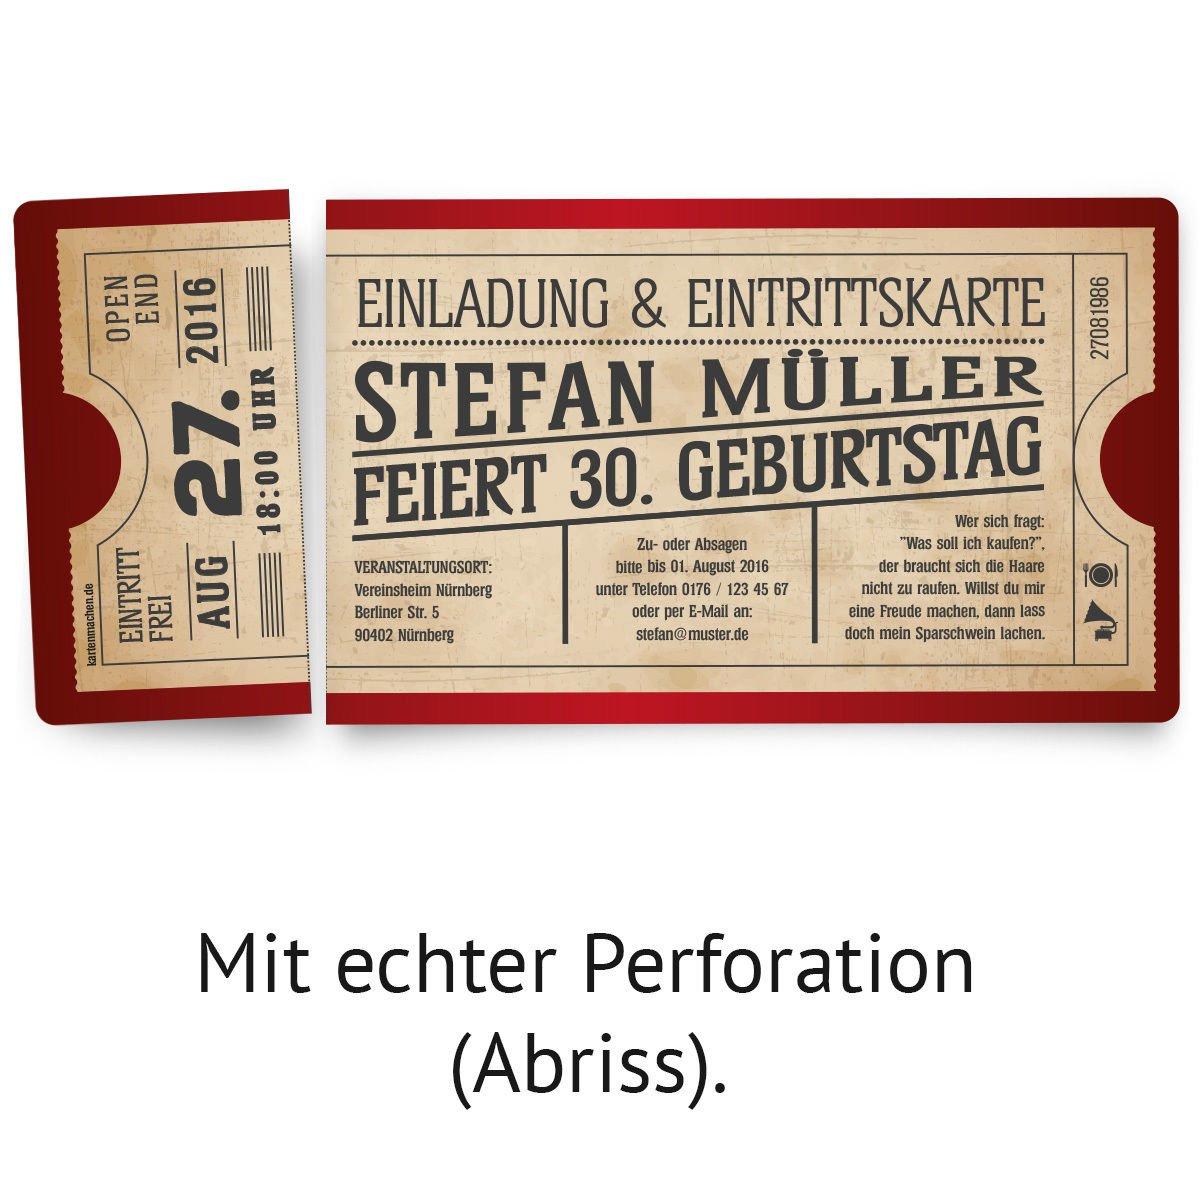 Einladungskarten Zum Geburtstag (10 Stück) Als Eintrittskarte Im Vintage  Ticket Look In Rot: Amazon.de: Bürobedarf U0026 Schreibwaren